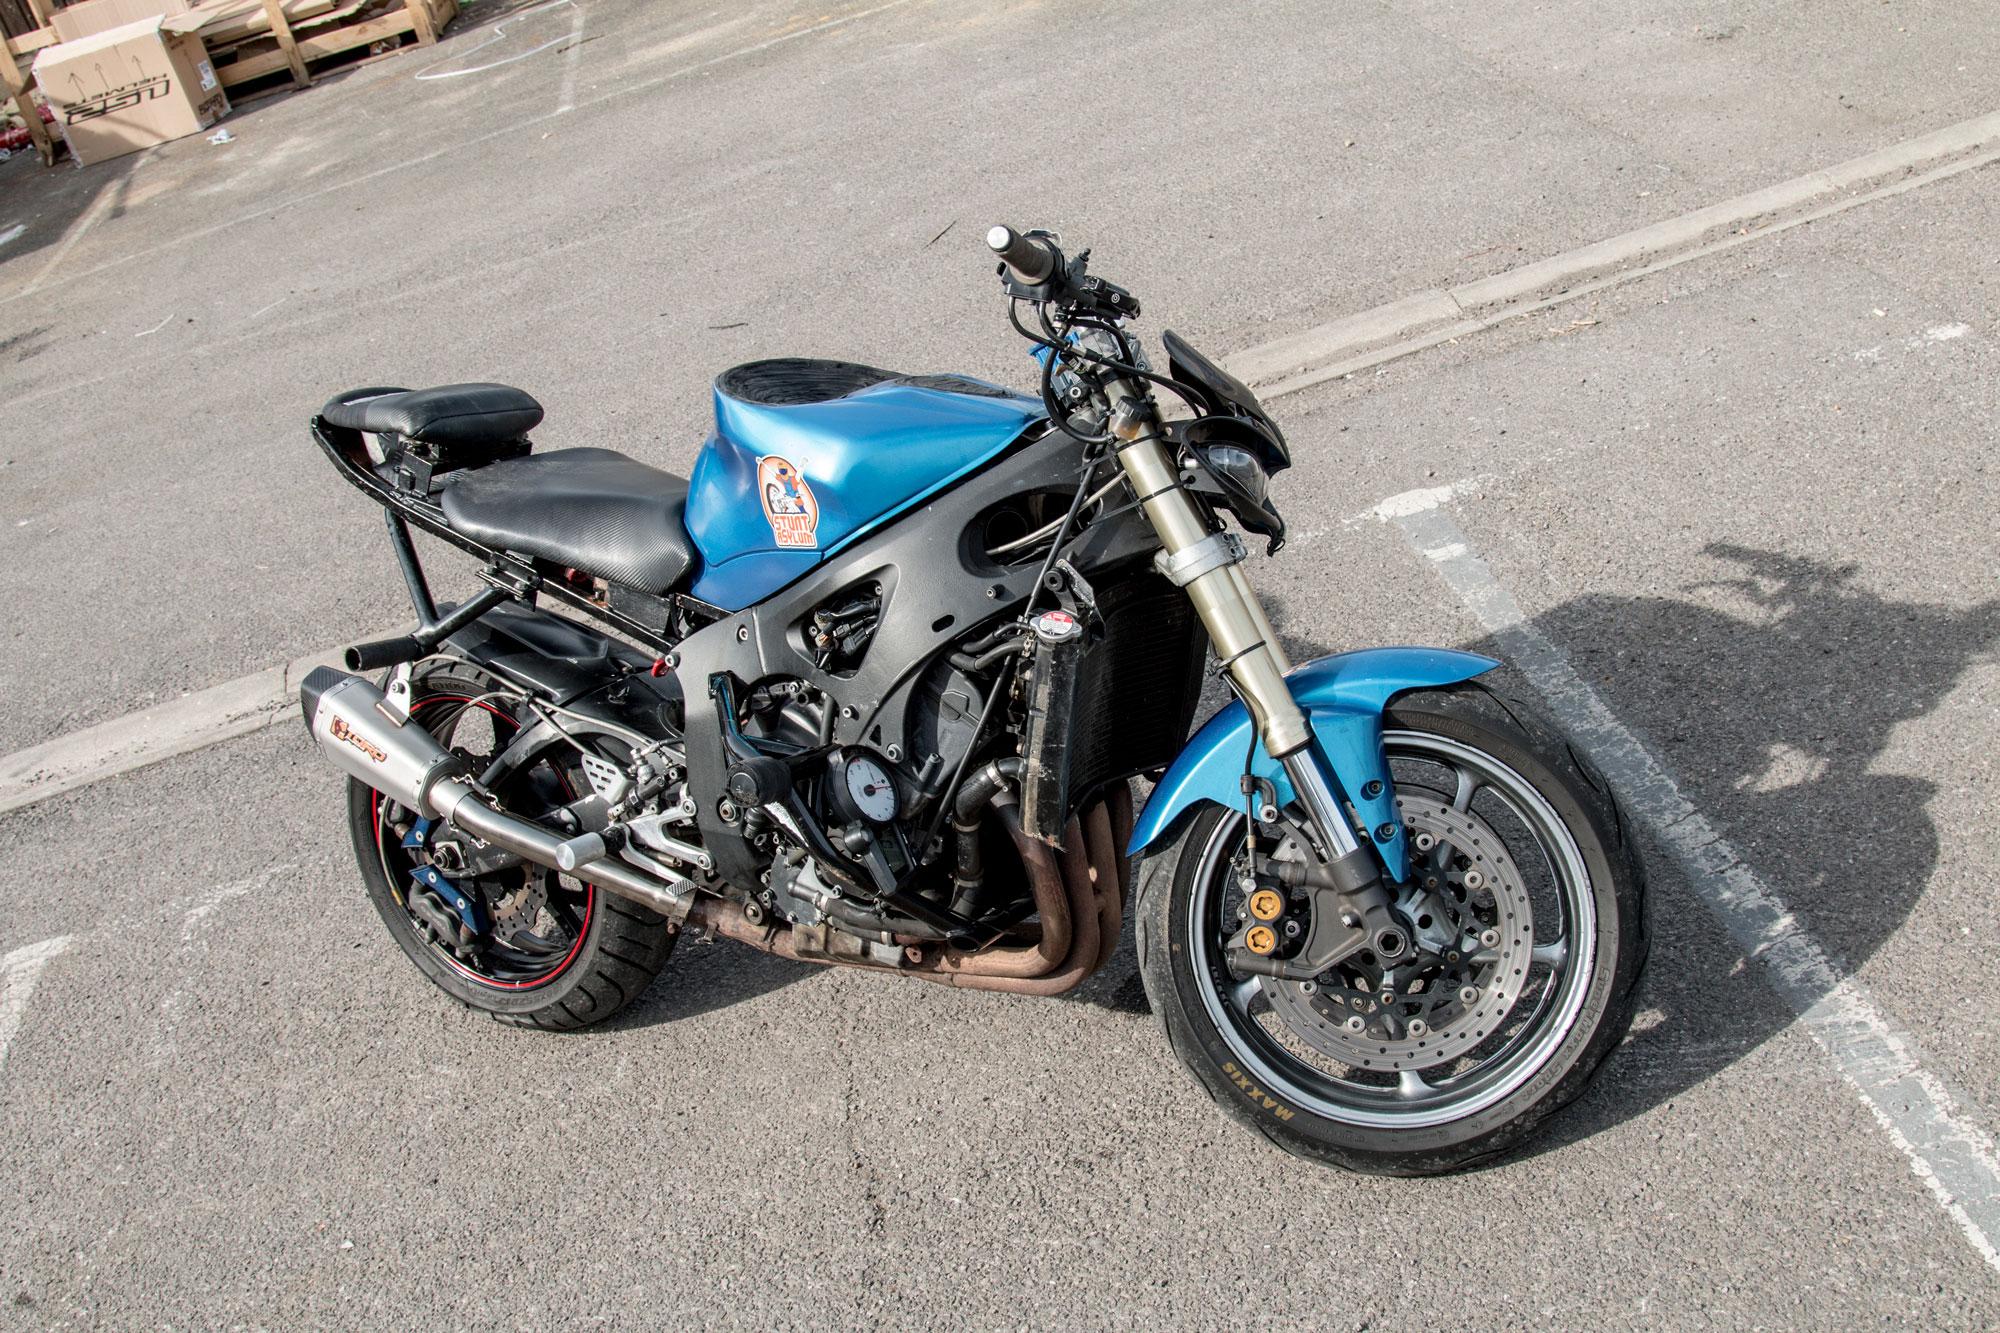 Toro Exhausts - Customer Bike Pic Gallery